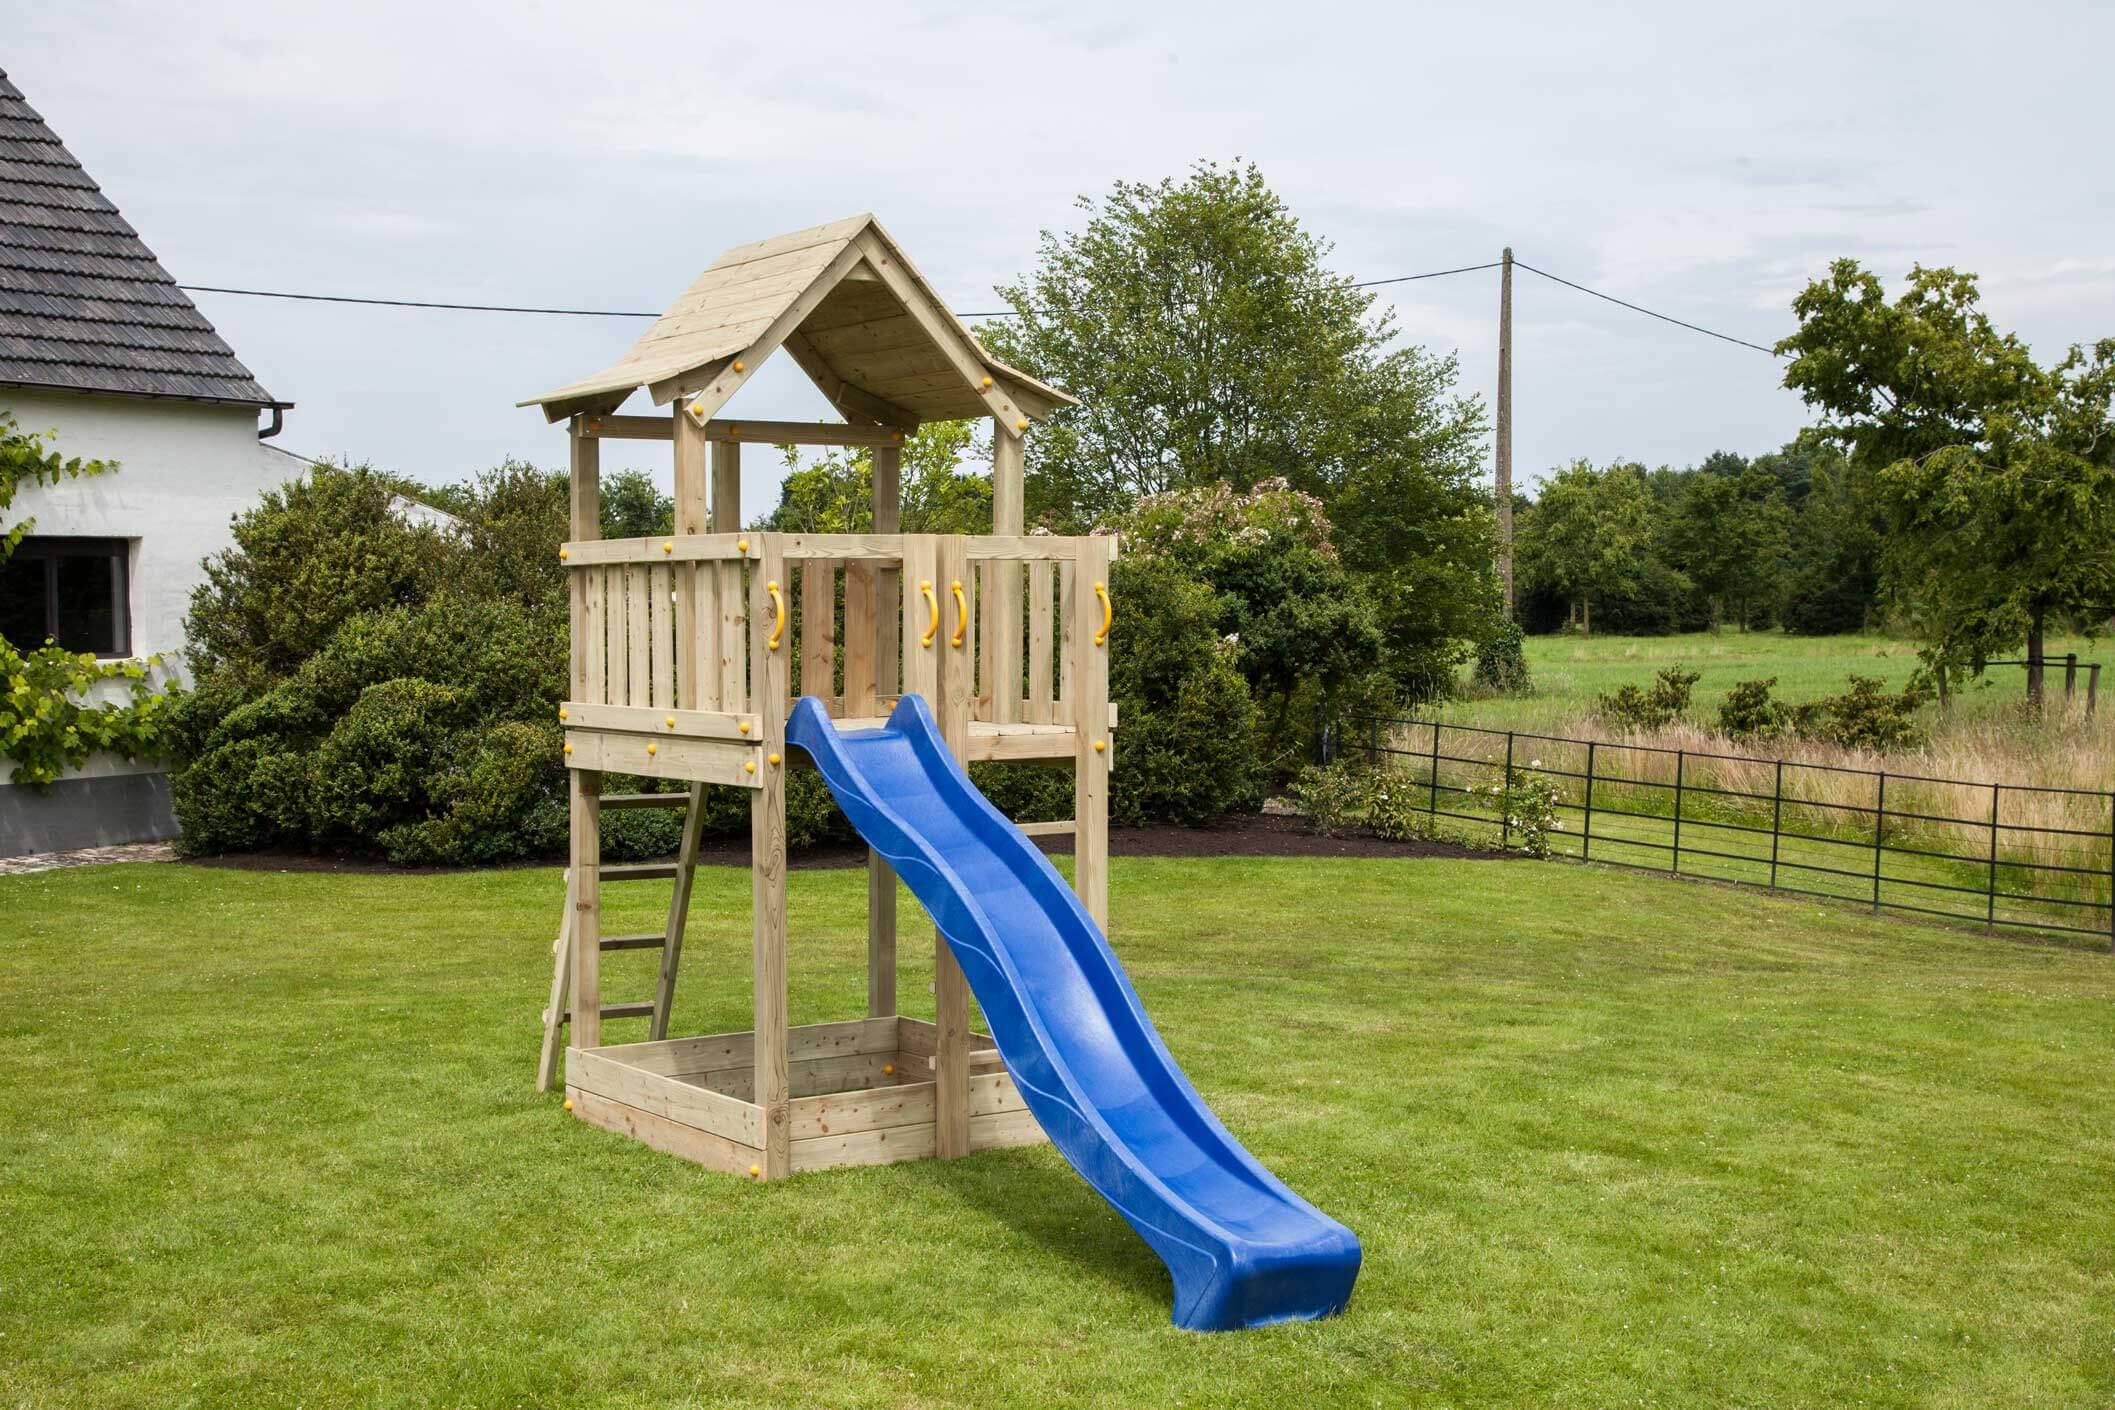 Full Size of Spielturm Garten Selber Bauen Gebraucht Kinder Holz Test Blue Rabbit Pagoda 120 Cm Spiel Und Spielhaus Trampolin Sichtschutz Wpc Pool Guenstig Kaufen Im Garten Spielturm Garten